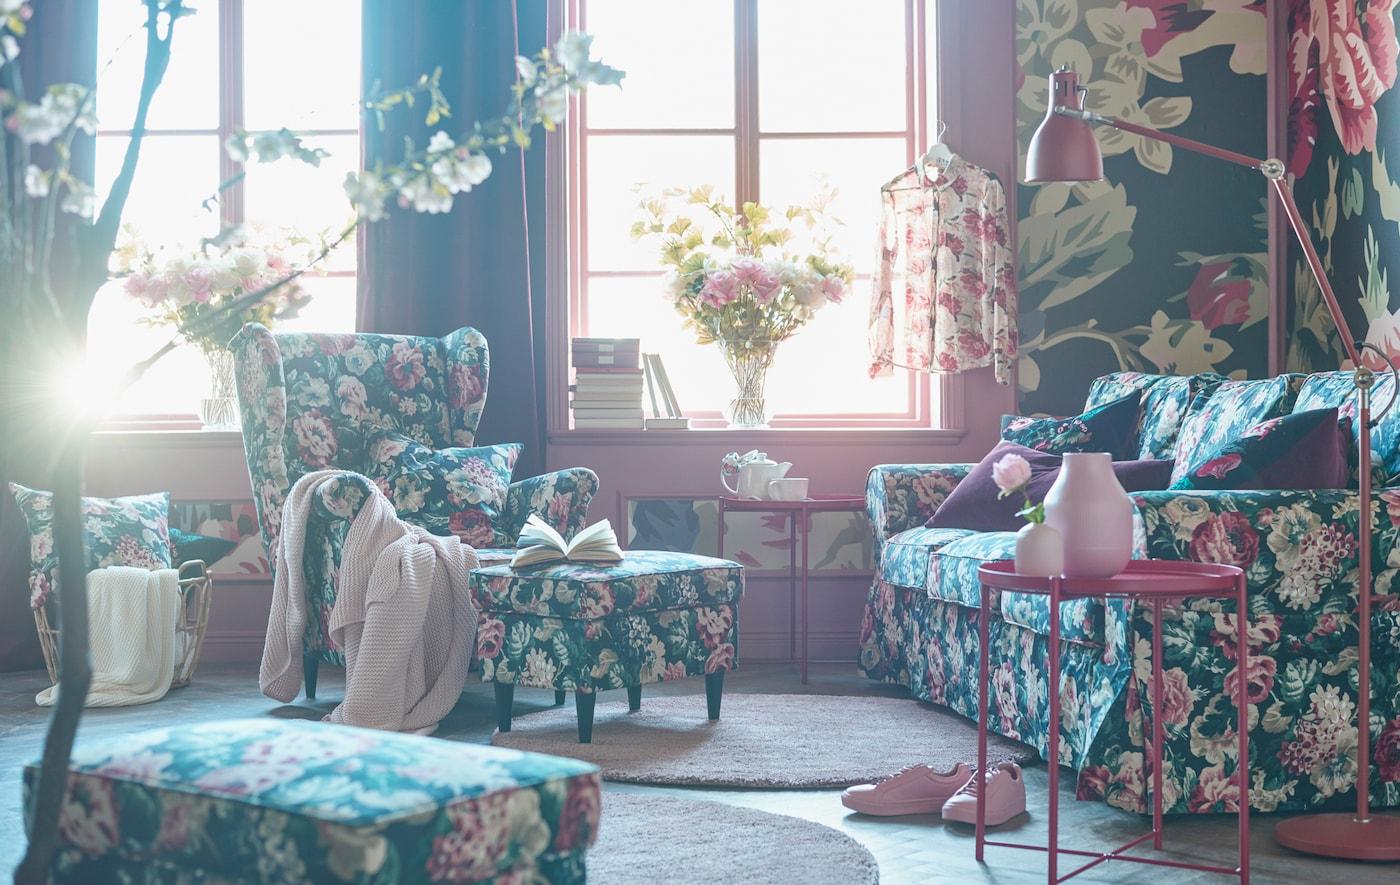 Mit einem Blumenmuster an der Wand, auf den Bezügen deiner Polstermöbel und Kissen und Blumensträussen in diversen Vasen entsteht ein wunderschöner Rosengarten in deinen vier Wänden.